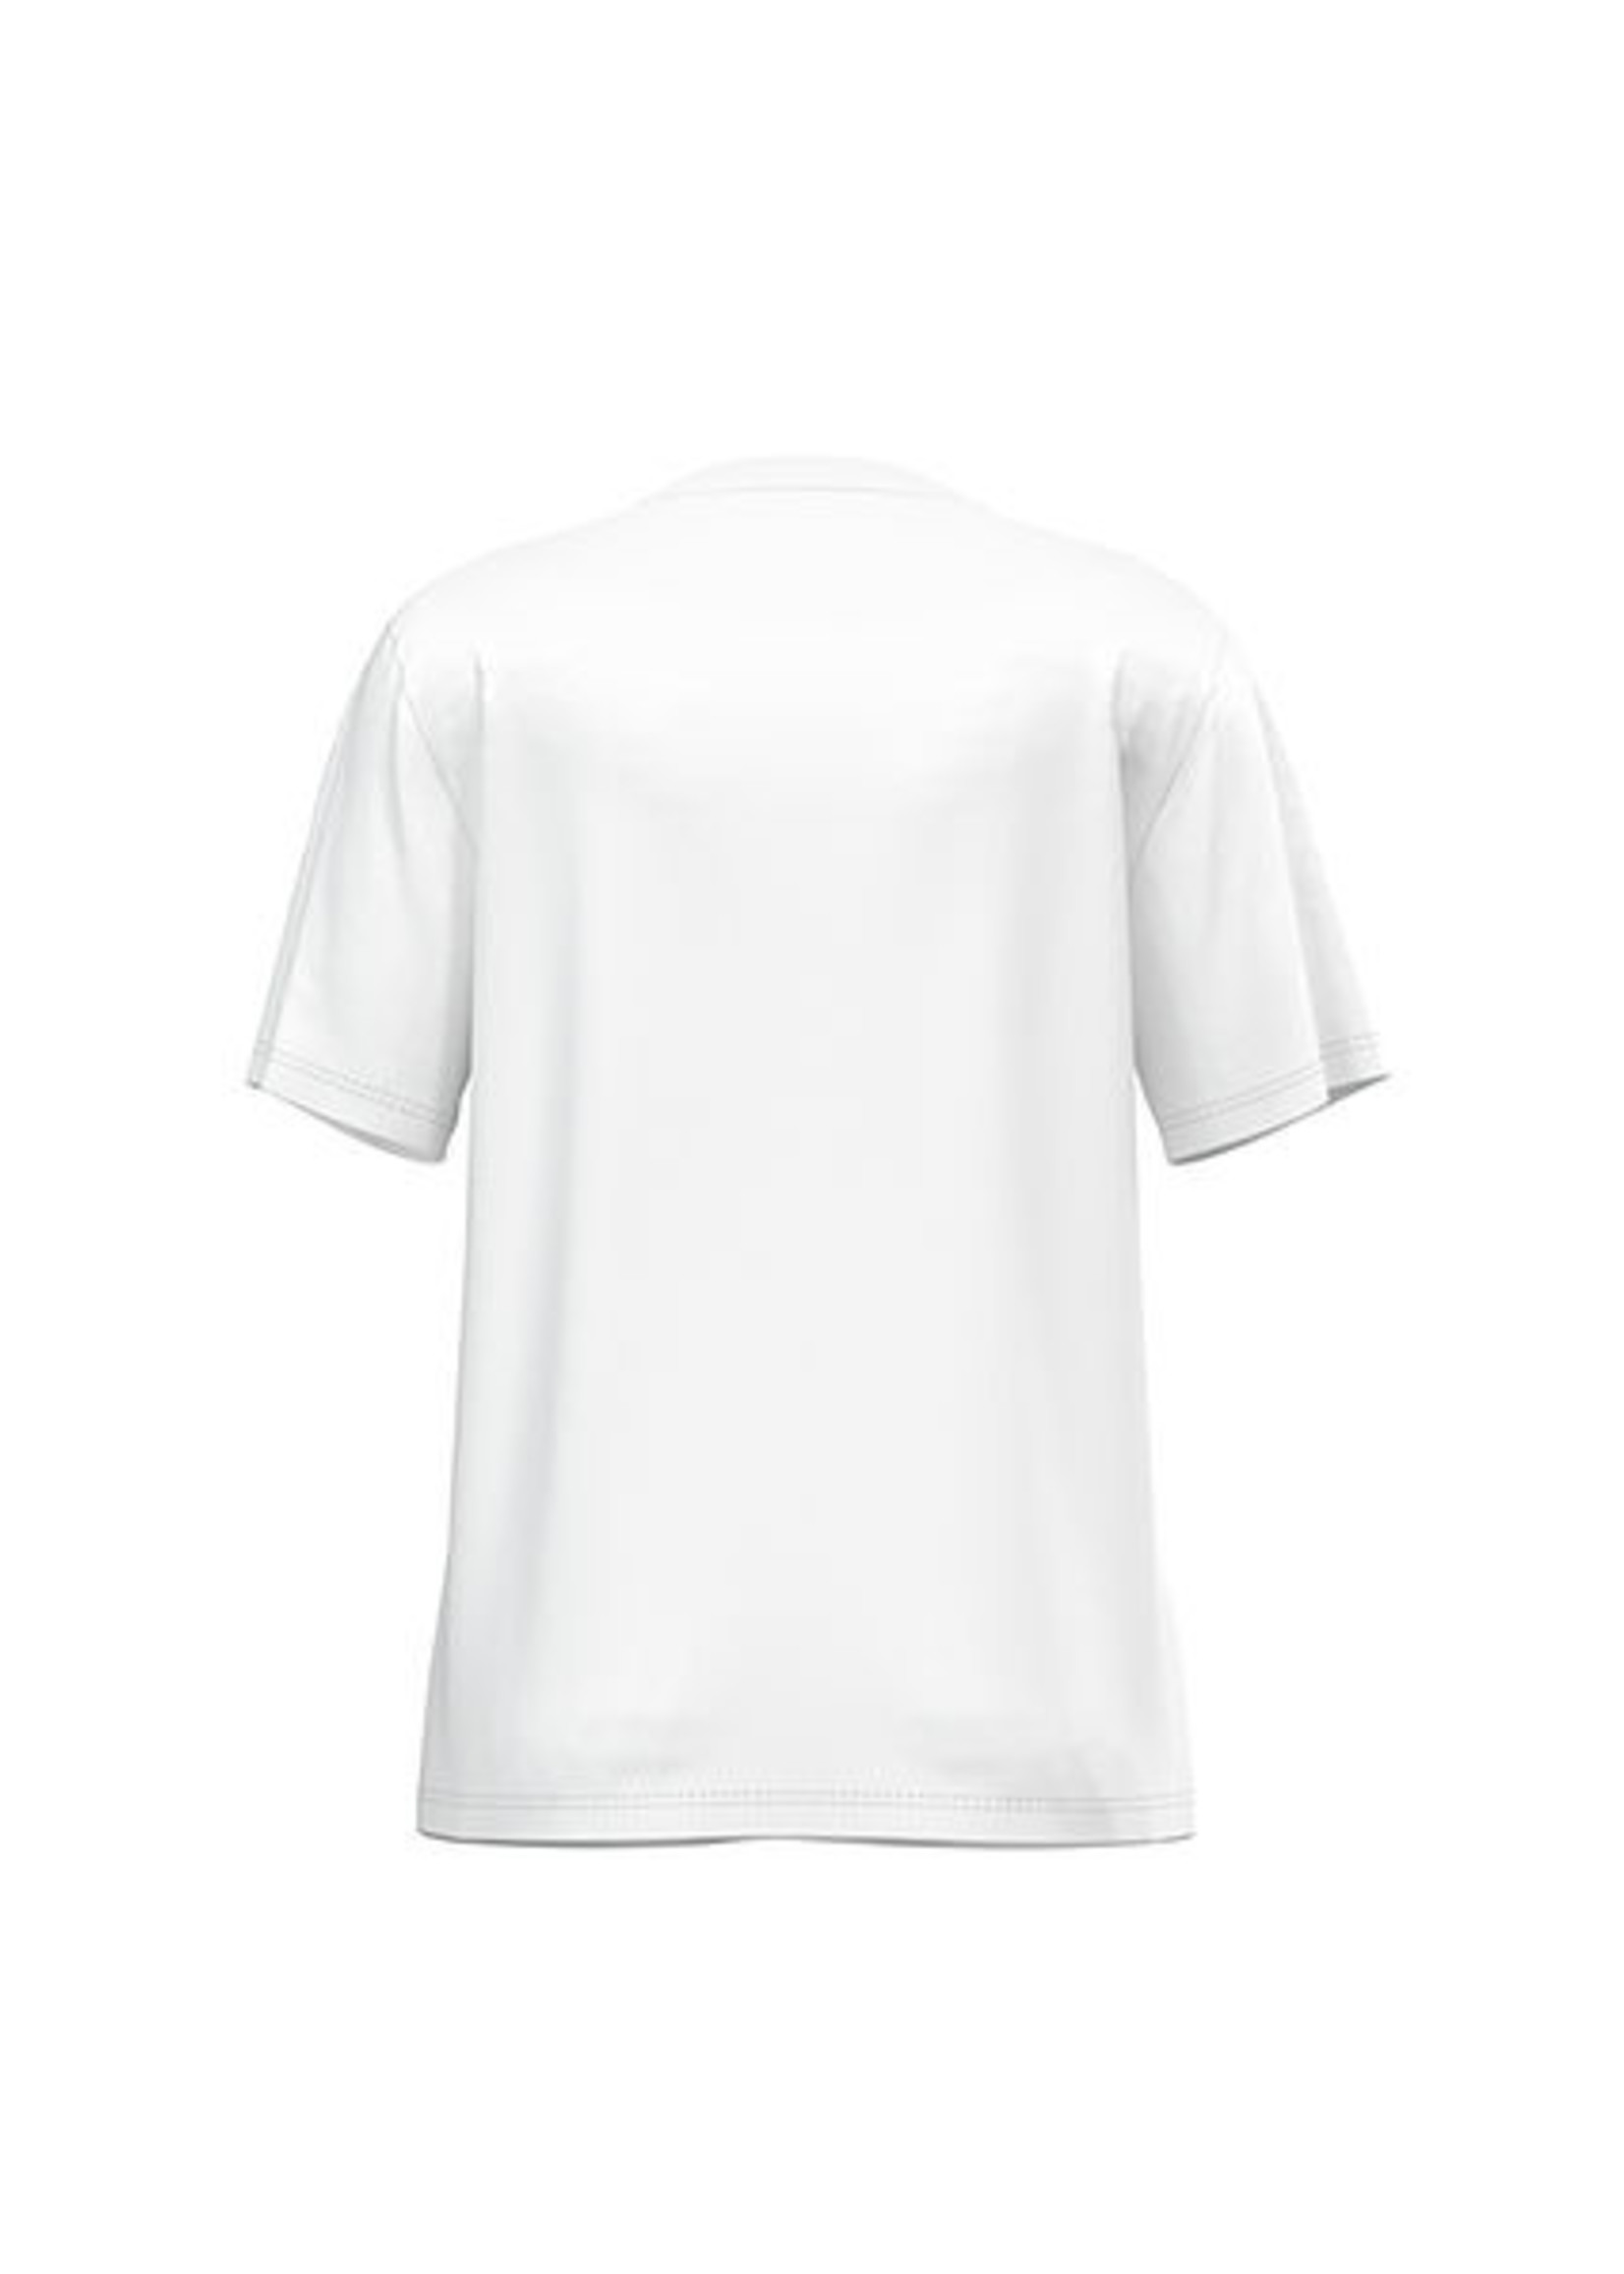 T-shirt RA 48.11 J74 100 white